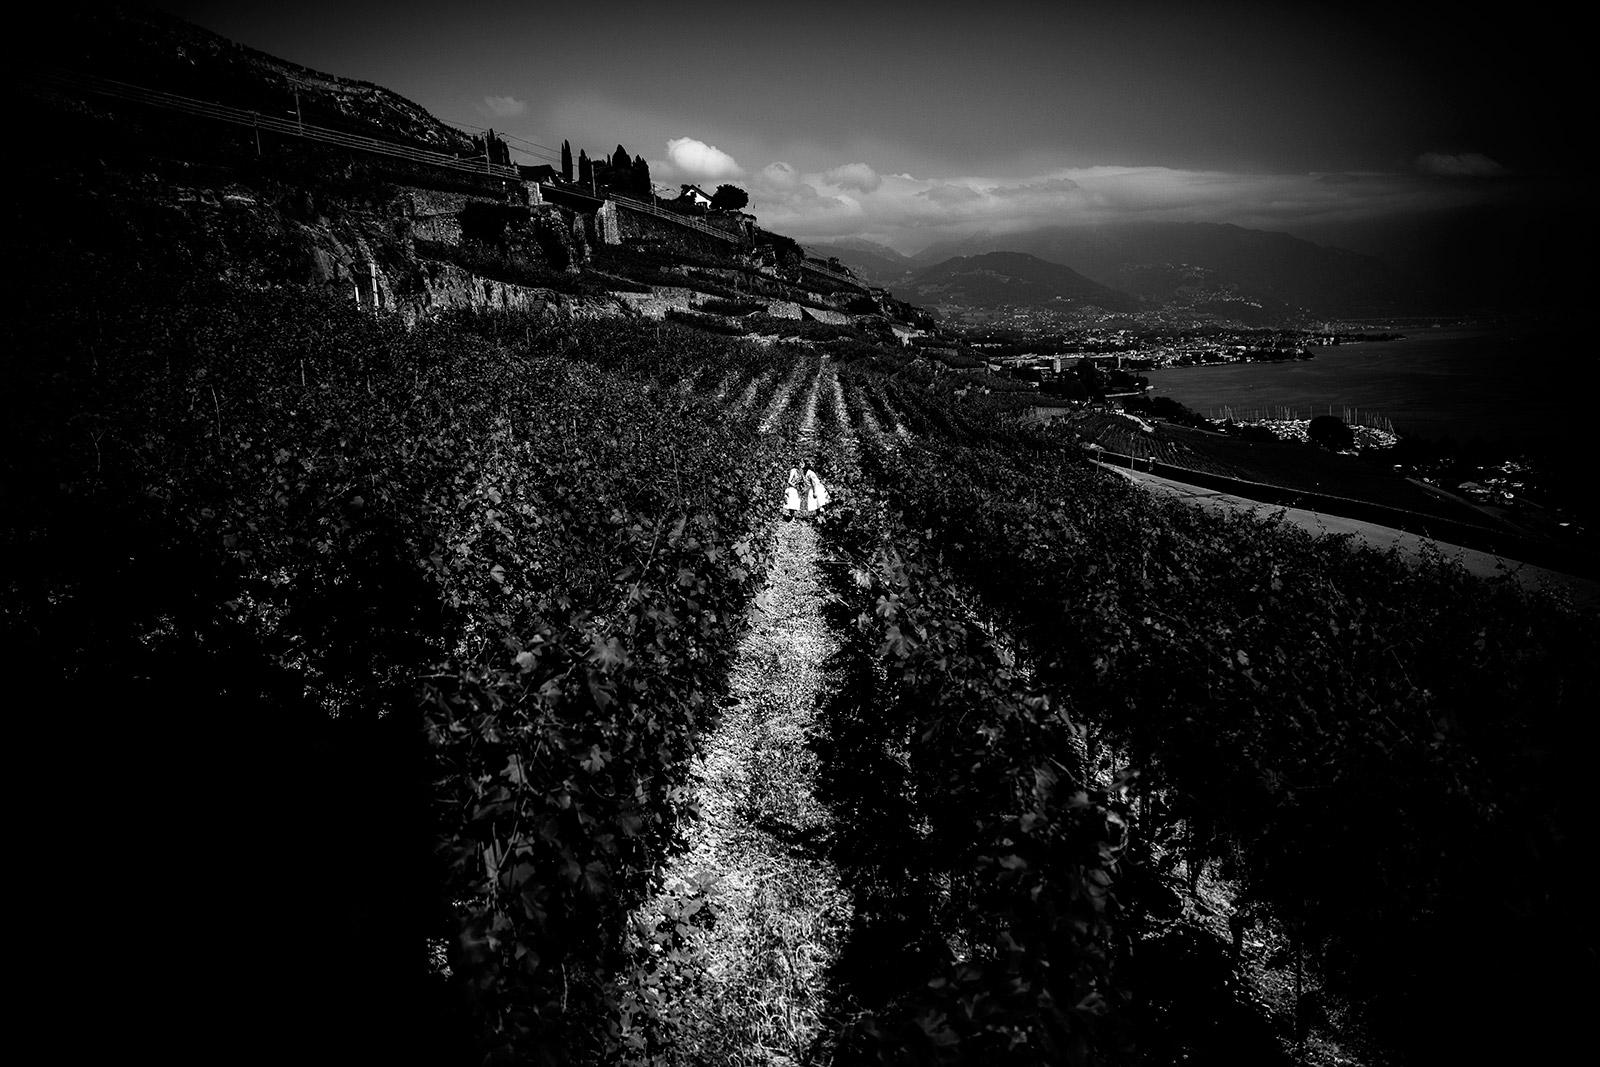 Photographe de mariage domaine du Burignon Lausanne Suisse Castille ALMA photographe Mariage au domaine du Burignon St Saphorin Suisse